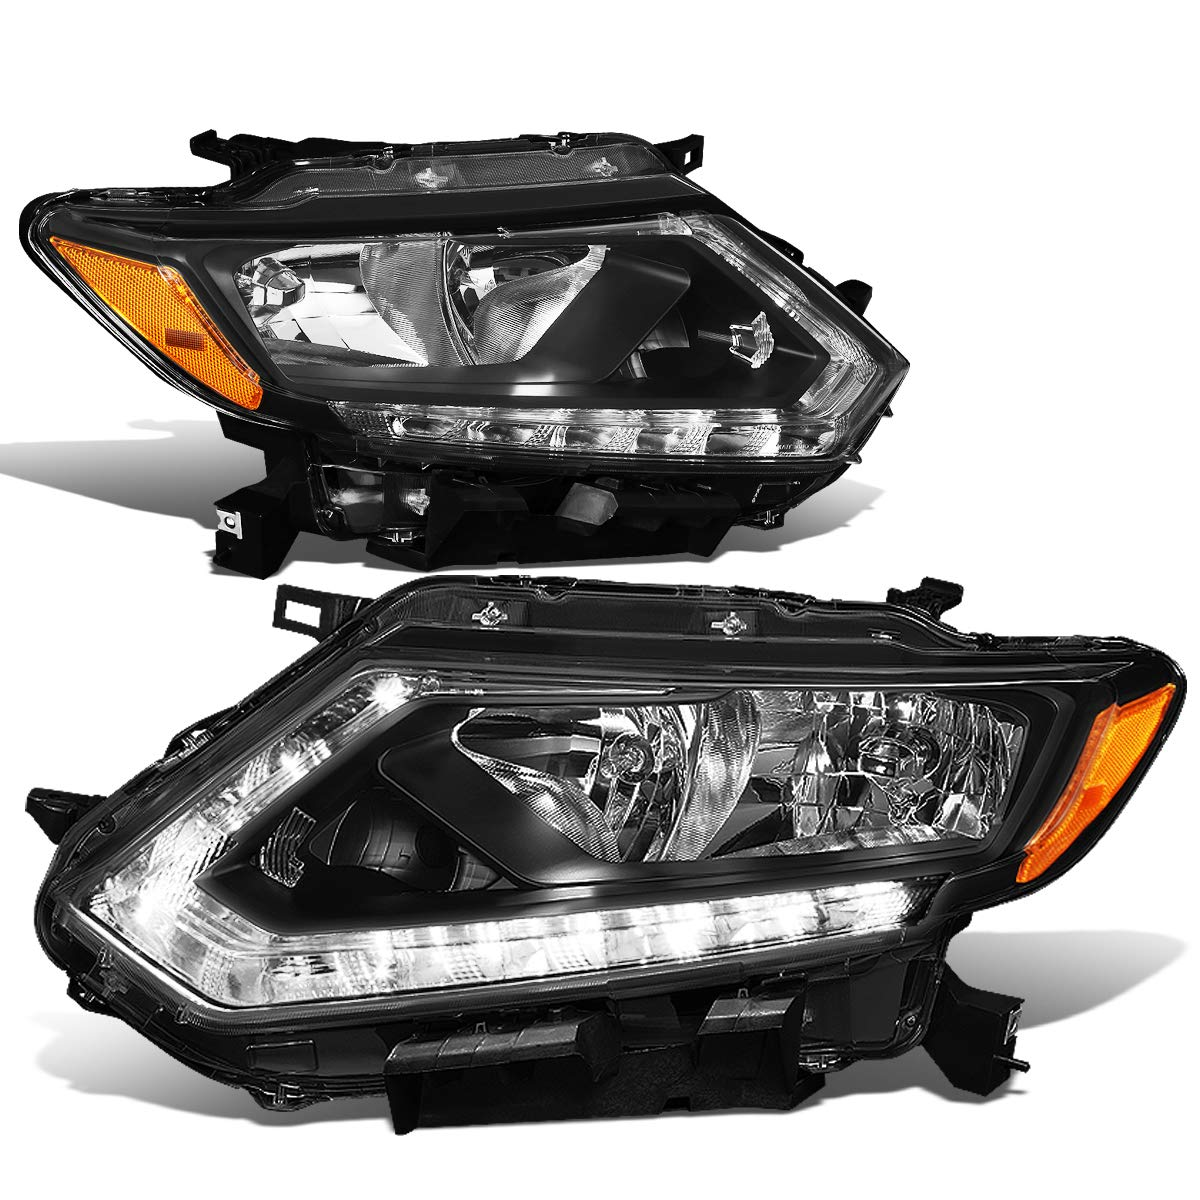 DNA Motoring HL-OH-NROG14-BK-AM Pair LED DRL Daytime Running Light Strip Headlight Lamps Set